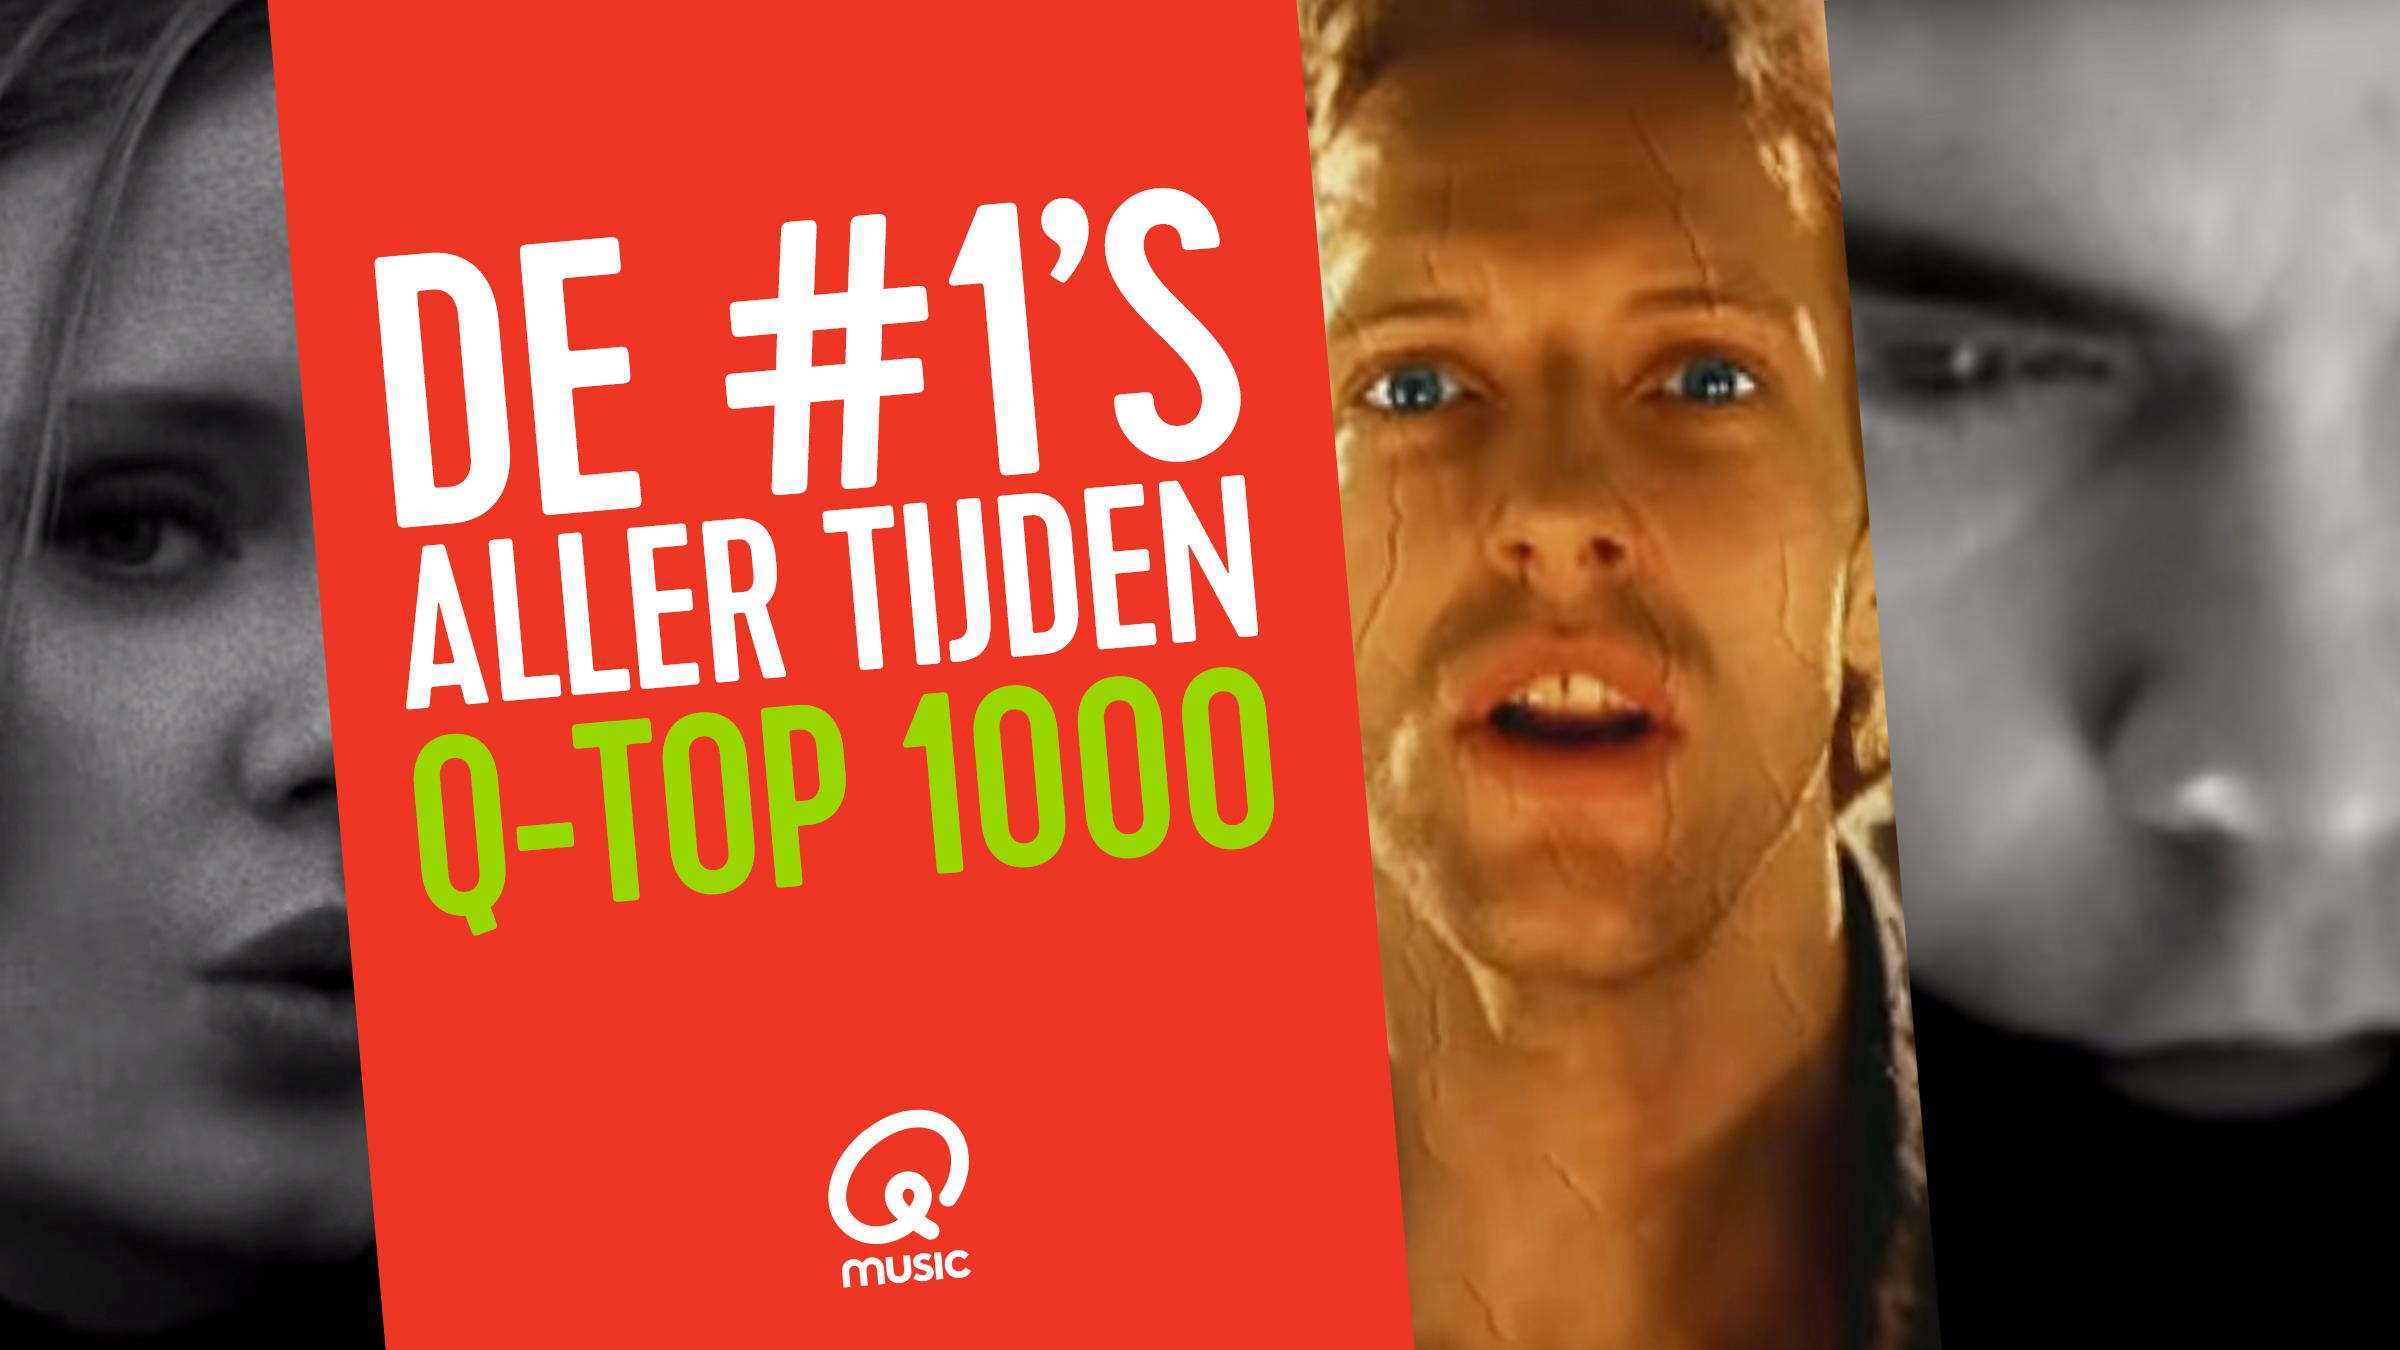 Qtop1000allertijden teaser